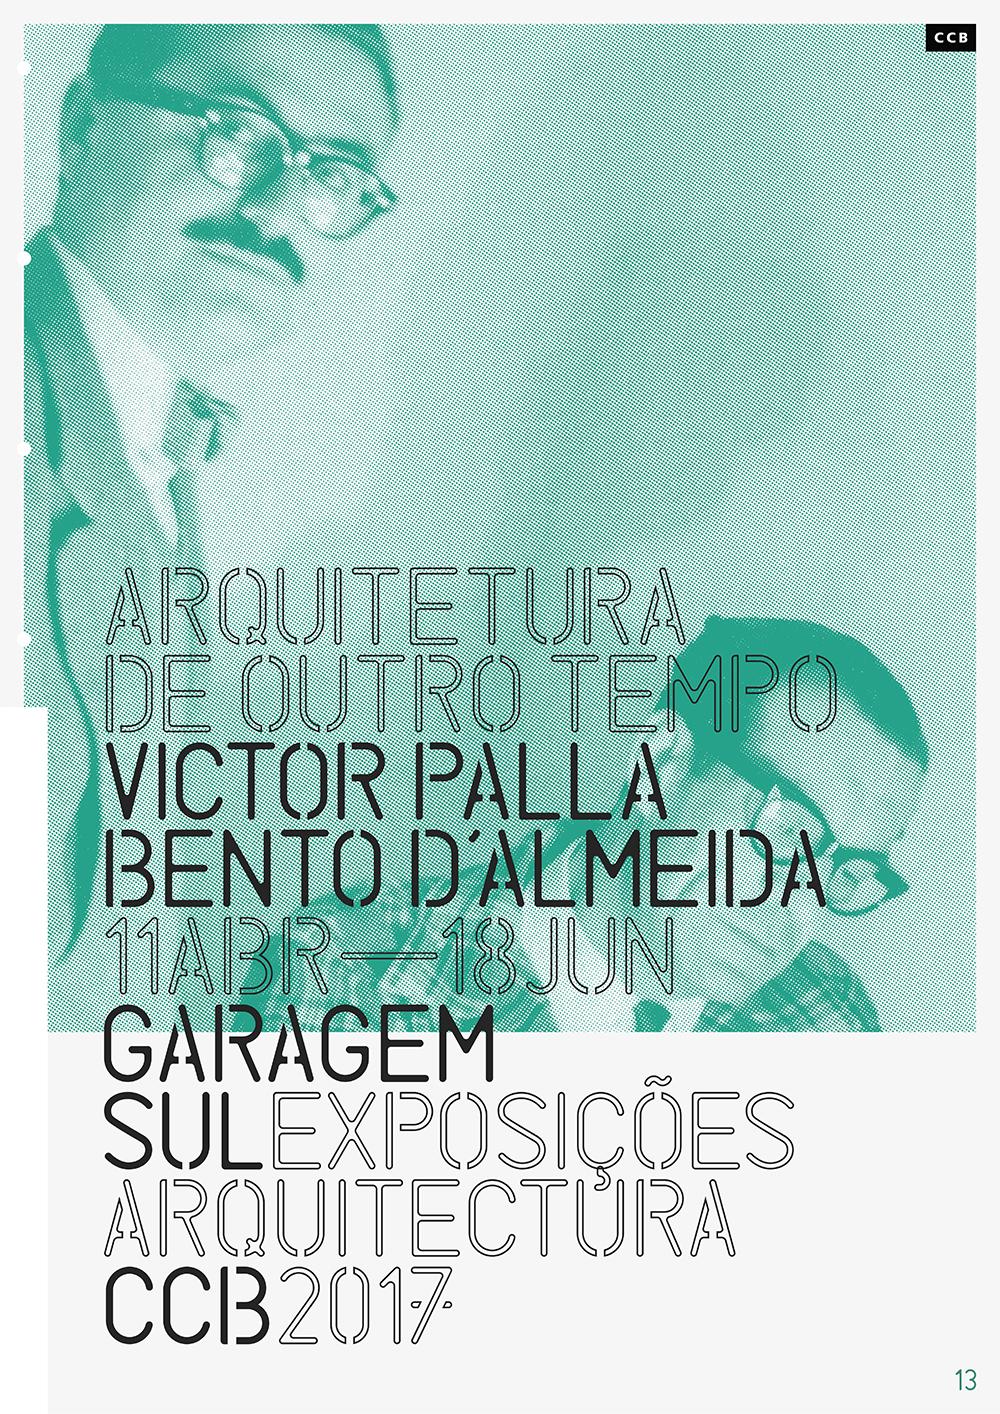 Victor Palla Bento d'Almeida